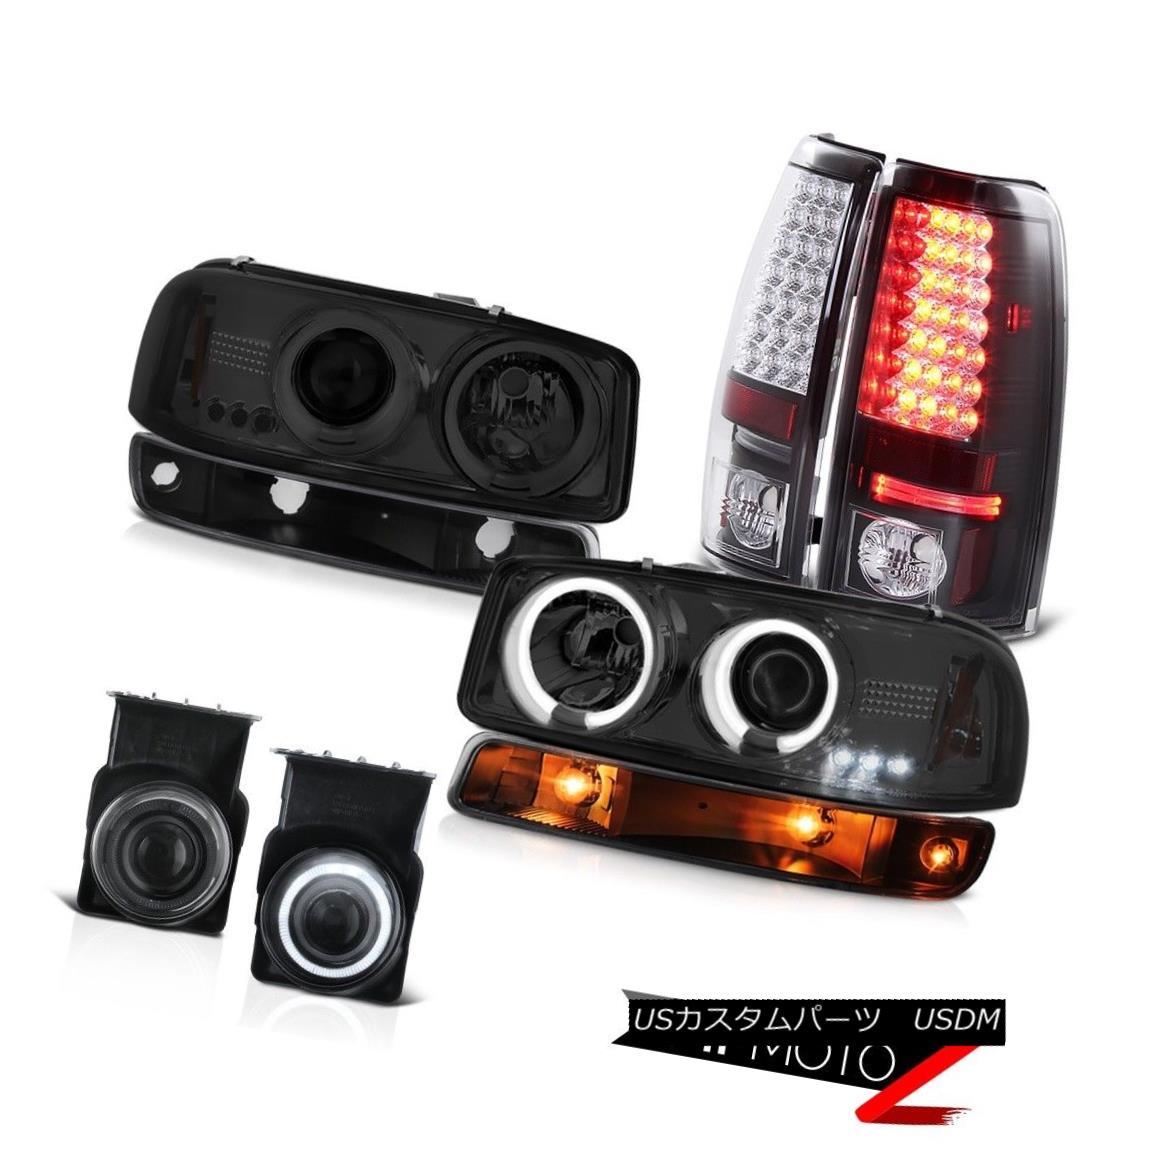 テールライト 2003-2006 Sierra SLT Fog lights black tail lamps signal lamp ccfl headlights 2003-2006シエラSLTフォグライトブラックテールランプ信号ランプccflヘッドライト